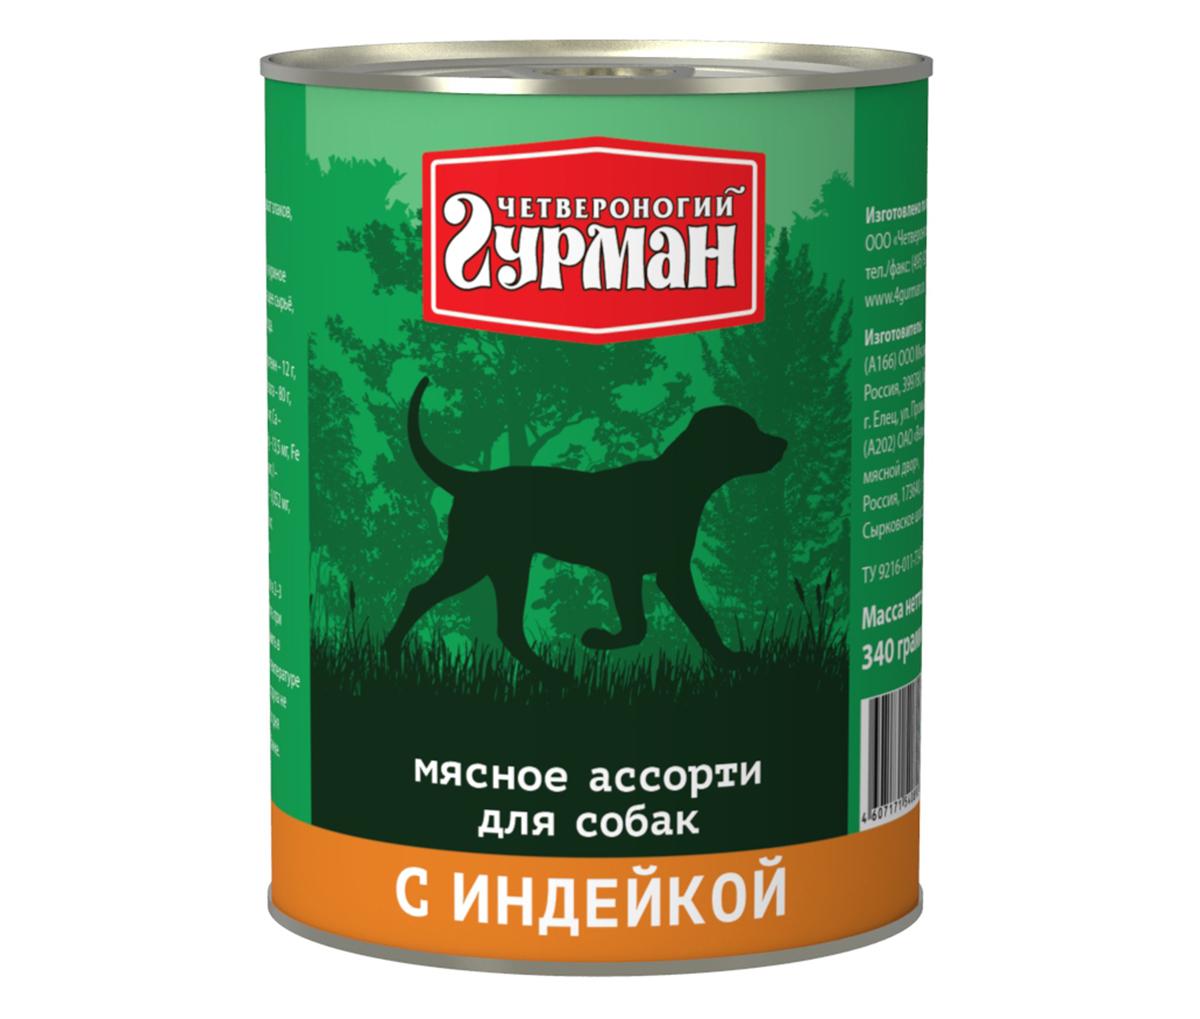 Консервы для собак Четвероногий гурман Мясное ассорти, с индейкой, 340 г. 1031090050120710Консервы для собак Четвероногий гурман Мясное ассорти - это влажный мясной корм суперпремиум класса, состоящий из разных сортов мяса и качественных субпродуктов. Корм не содержит синтетических витаминно-минеральных комплексов, злаков, бобовых и овощей. Никаких искусственных компонентов в составе: только натуральное, экологически чистое мясо от проверенных поставщиков. По консистенции продукт представляет собой кусочки из фарша размером 3-15 мм. В состав входит коллаген. Его компоненты (хондроитин и глюкозамин) положительно воздействуют на суставы питомца. Состав: индюшиное мясо (20%), сердце (16%), куриное мясо, легкое, рубец, печень, коллагенсодержащее сырье, животный белок, масло растительное, вода. Пищевая ценность (в 100 г продукта): протеин 12 г, жир 6,8 г, клетчатка 0,5 г, сырая зола 2 г, влага 80 г. Минеральные вещества: P 128,6 мг, Са 9,4 мг, Na 160 мг, Cl 203,4 мг, Mg 13,5 мг, Fe 3,2 мг, Cu 212,8 мкг, I 3,02 мкг. Витамины: А, E, В1, В2, B3, B5, B6. Энергетическая ценность (на 100 г): 110 ккал. Товар сертифицирован.